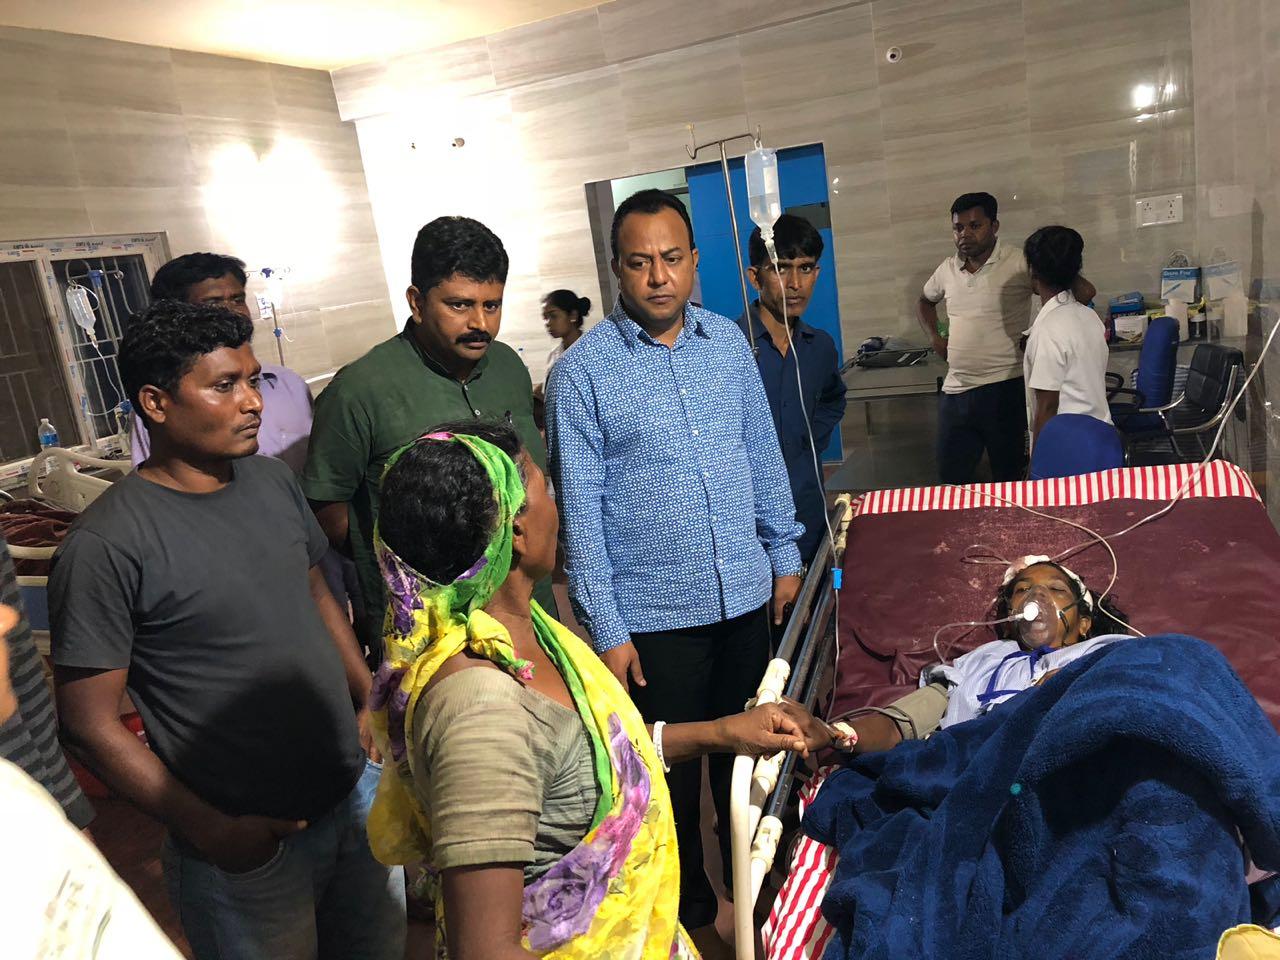 <p>बनहोरा गाँव मे दीवार गिर जाने 3 की मौत और 6 गंभीर रूप से घायल हो गए। घायलों से मिलने जसलोक हॉस्पिटल पहुँचे हटिया विधायक नवीन जयसवाल जी</p>